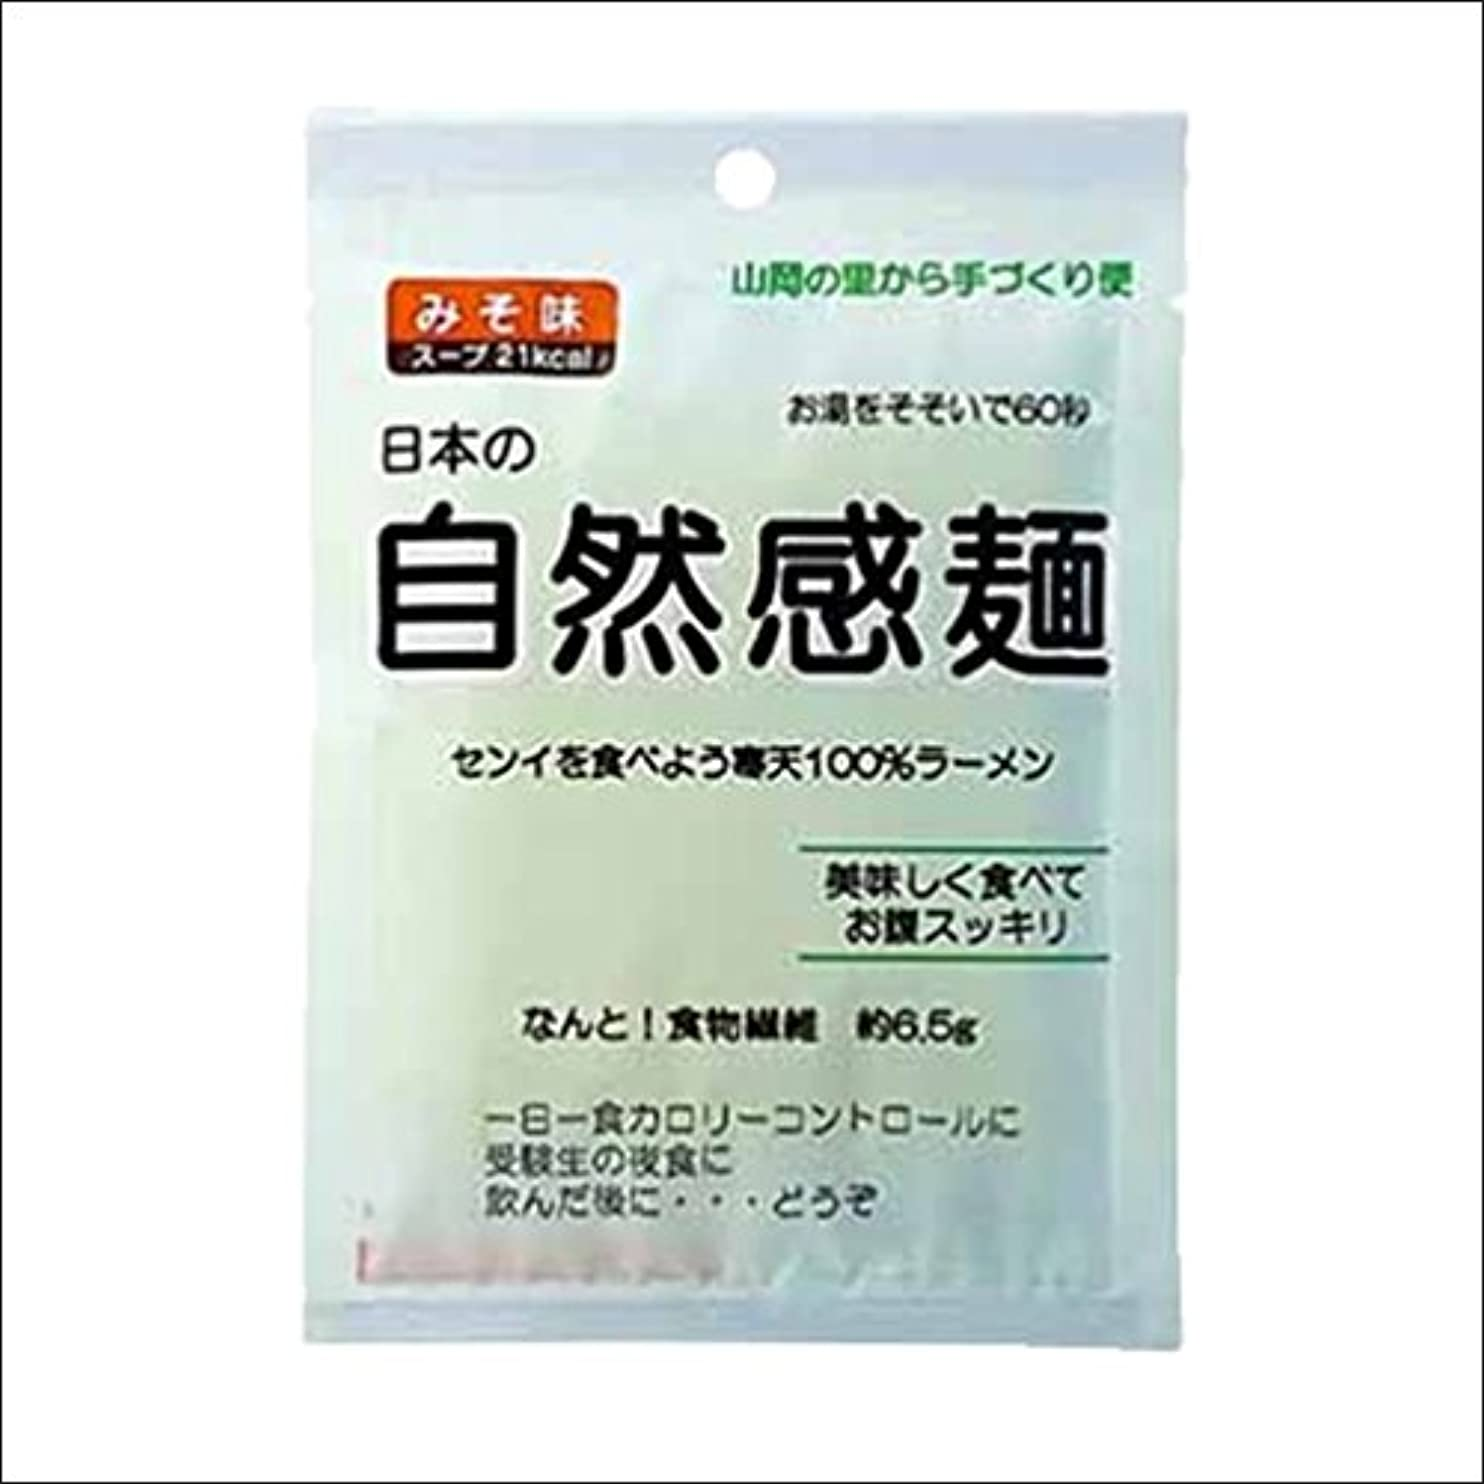 バースト不十分な階【ダイエットラーメン】 日本の自然感麺(寒天ラーメン) みそ味 1袋